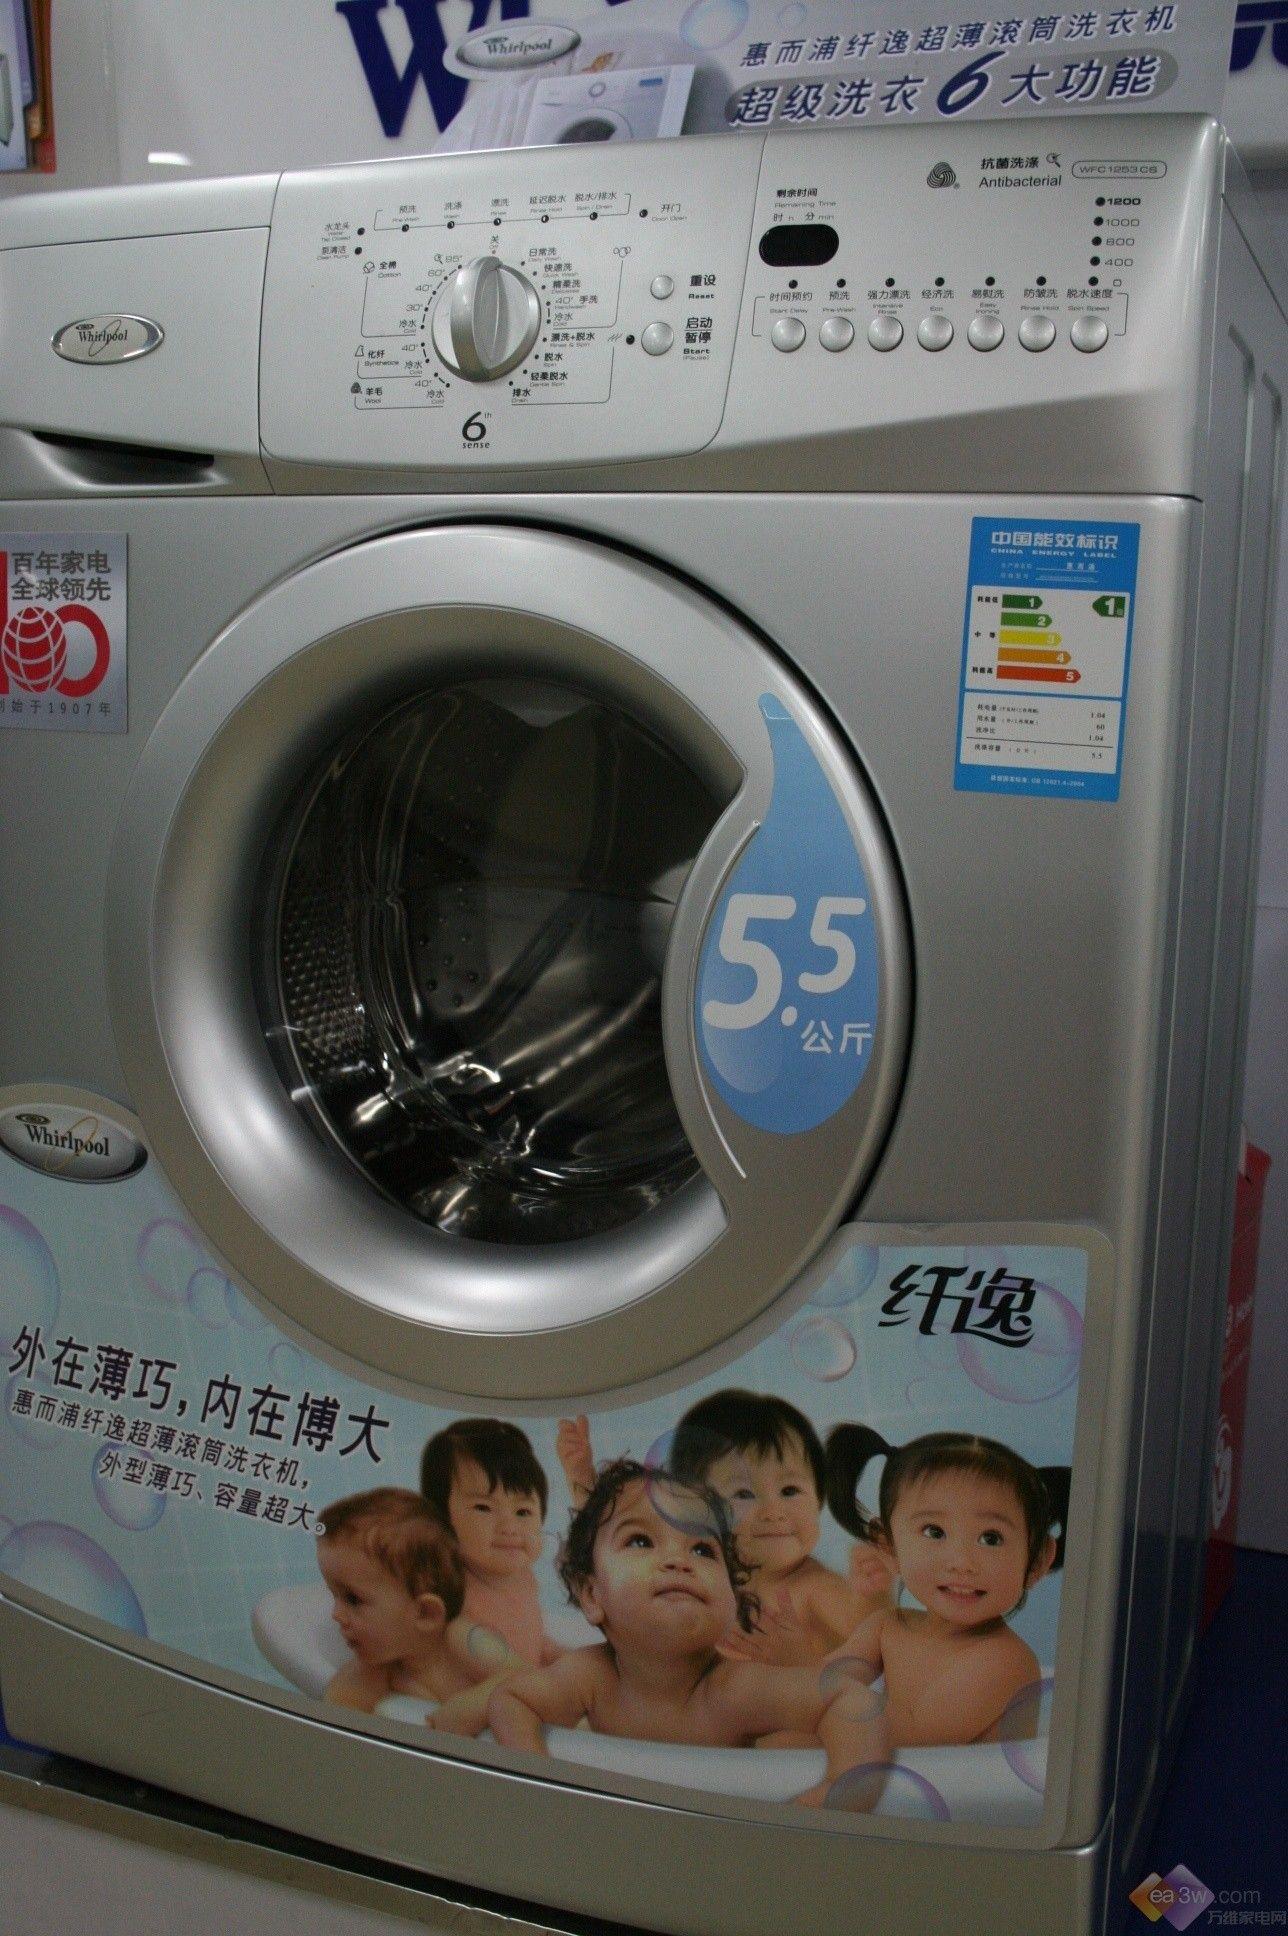 今年一月份,惠而浦隆重推出了纤逸系列洗衣机,目前该系列洗衣机已经正式在卖场销售。小编今天就为您介绍其中一款型号为WFC1253CW的洗衣机,该机在同等厚度的超薄洗衣机中容量是最大的。  这款洗衣机最突出的特点是机身只有44cm的厚度,容量却可达到5.2公斤,能够充分满足您的洗衣机需求,同时还不会占用居室太大空间。  惠而浦滚筒洗衣机WFC1253CW秉承了智逸系列洗衣机的多重智慧科技。这其中包括惠而浦独创